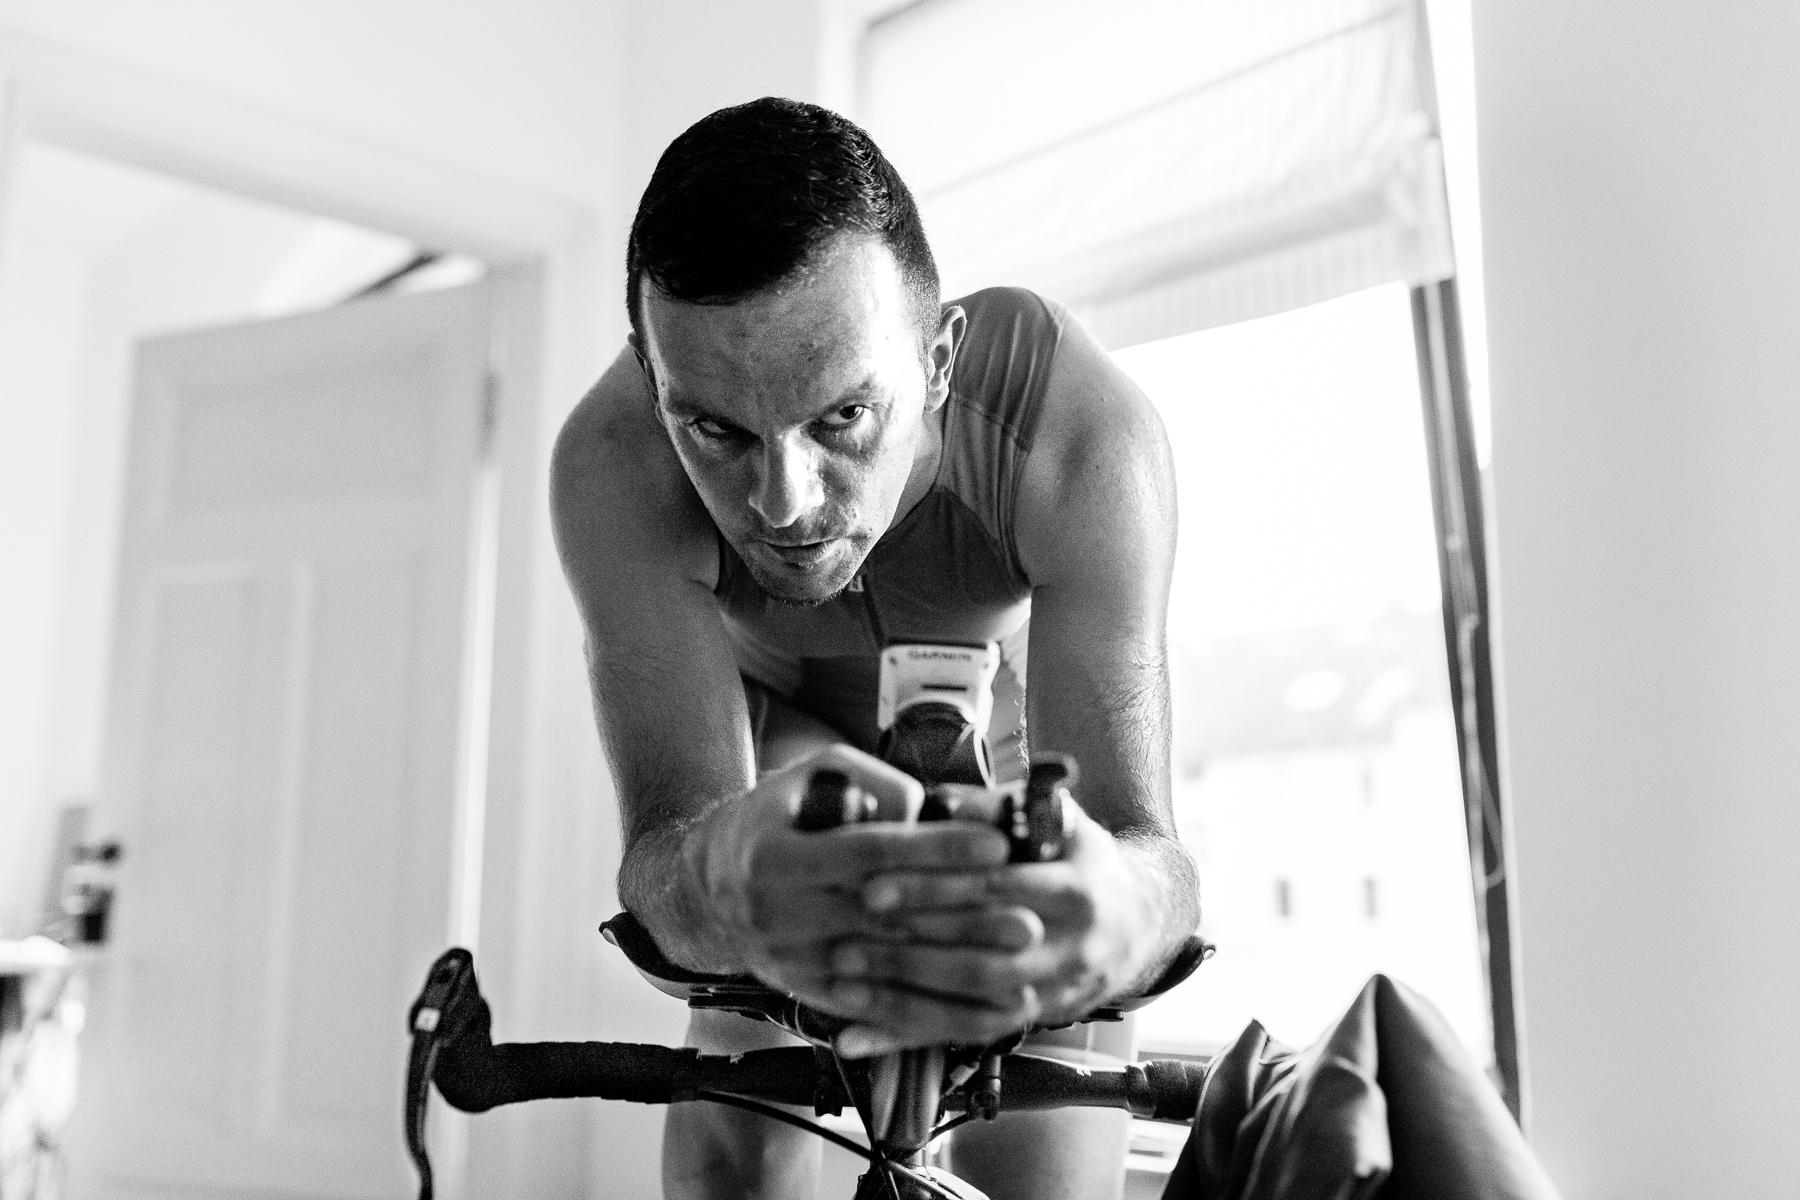 We are Triathlon   Die verschiedenen Trainingseinheiten bringen ihn oft an sein physisches Limit. Richtige Ernährung und intensive Ruhephasen nach dem Sport sind wichtig, damit das Training erfolgreich anschlägt.